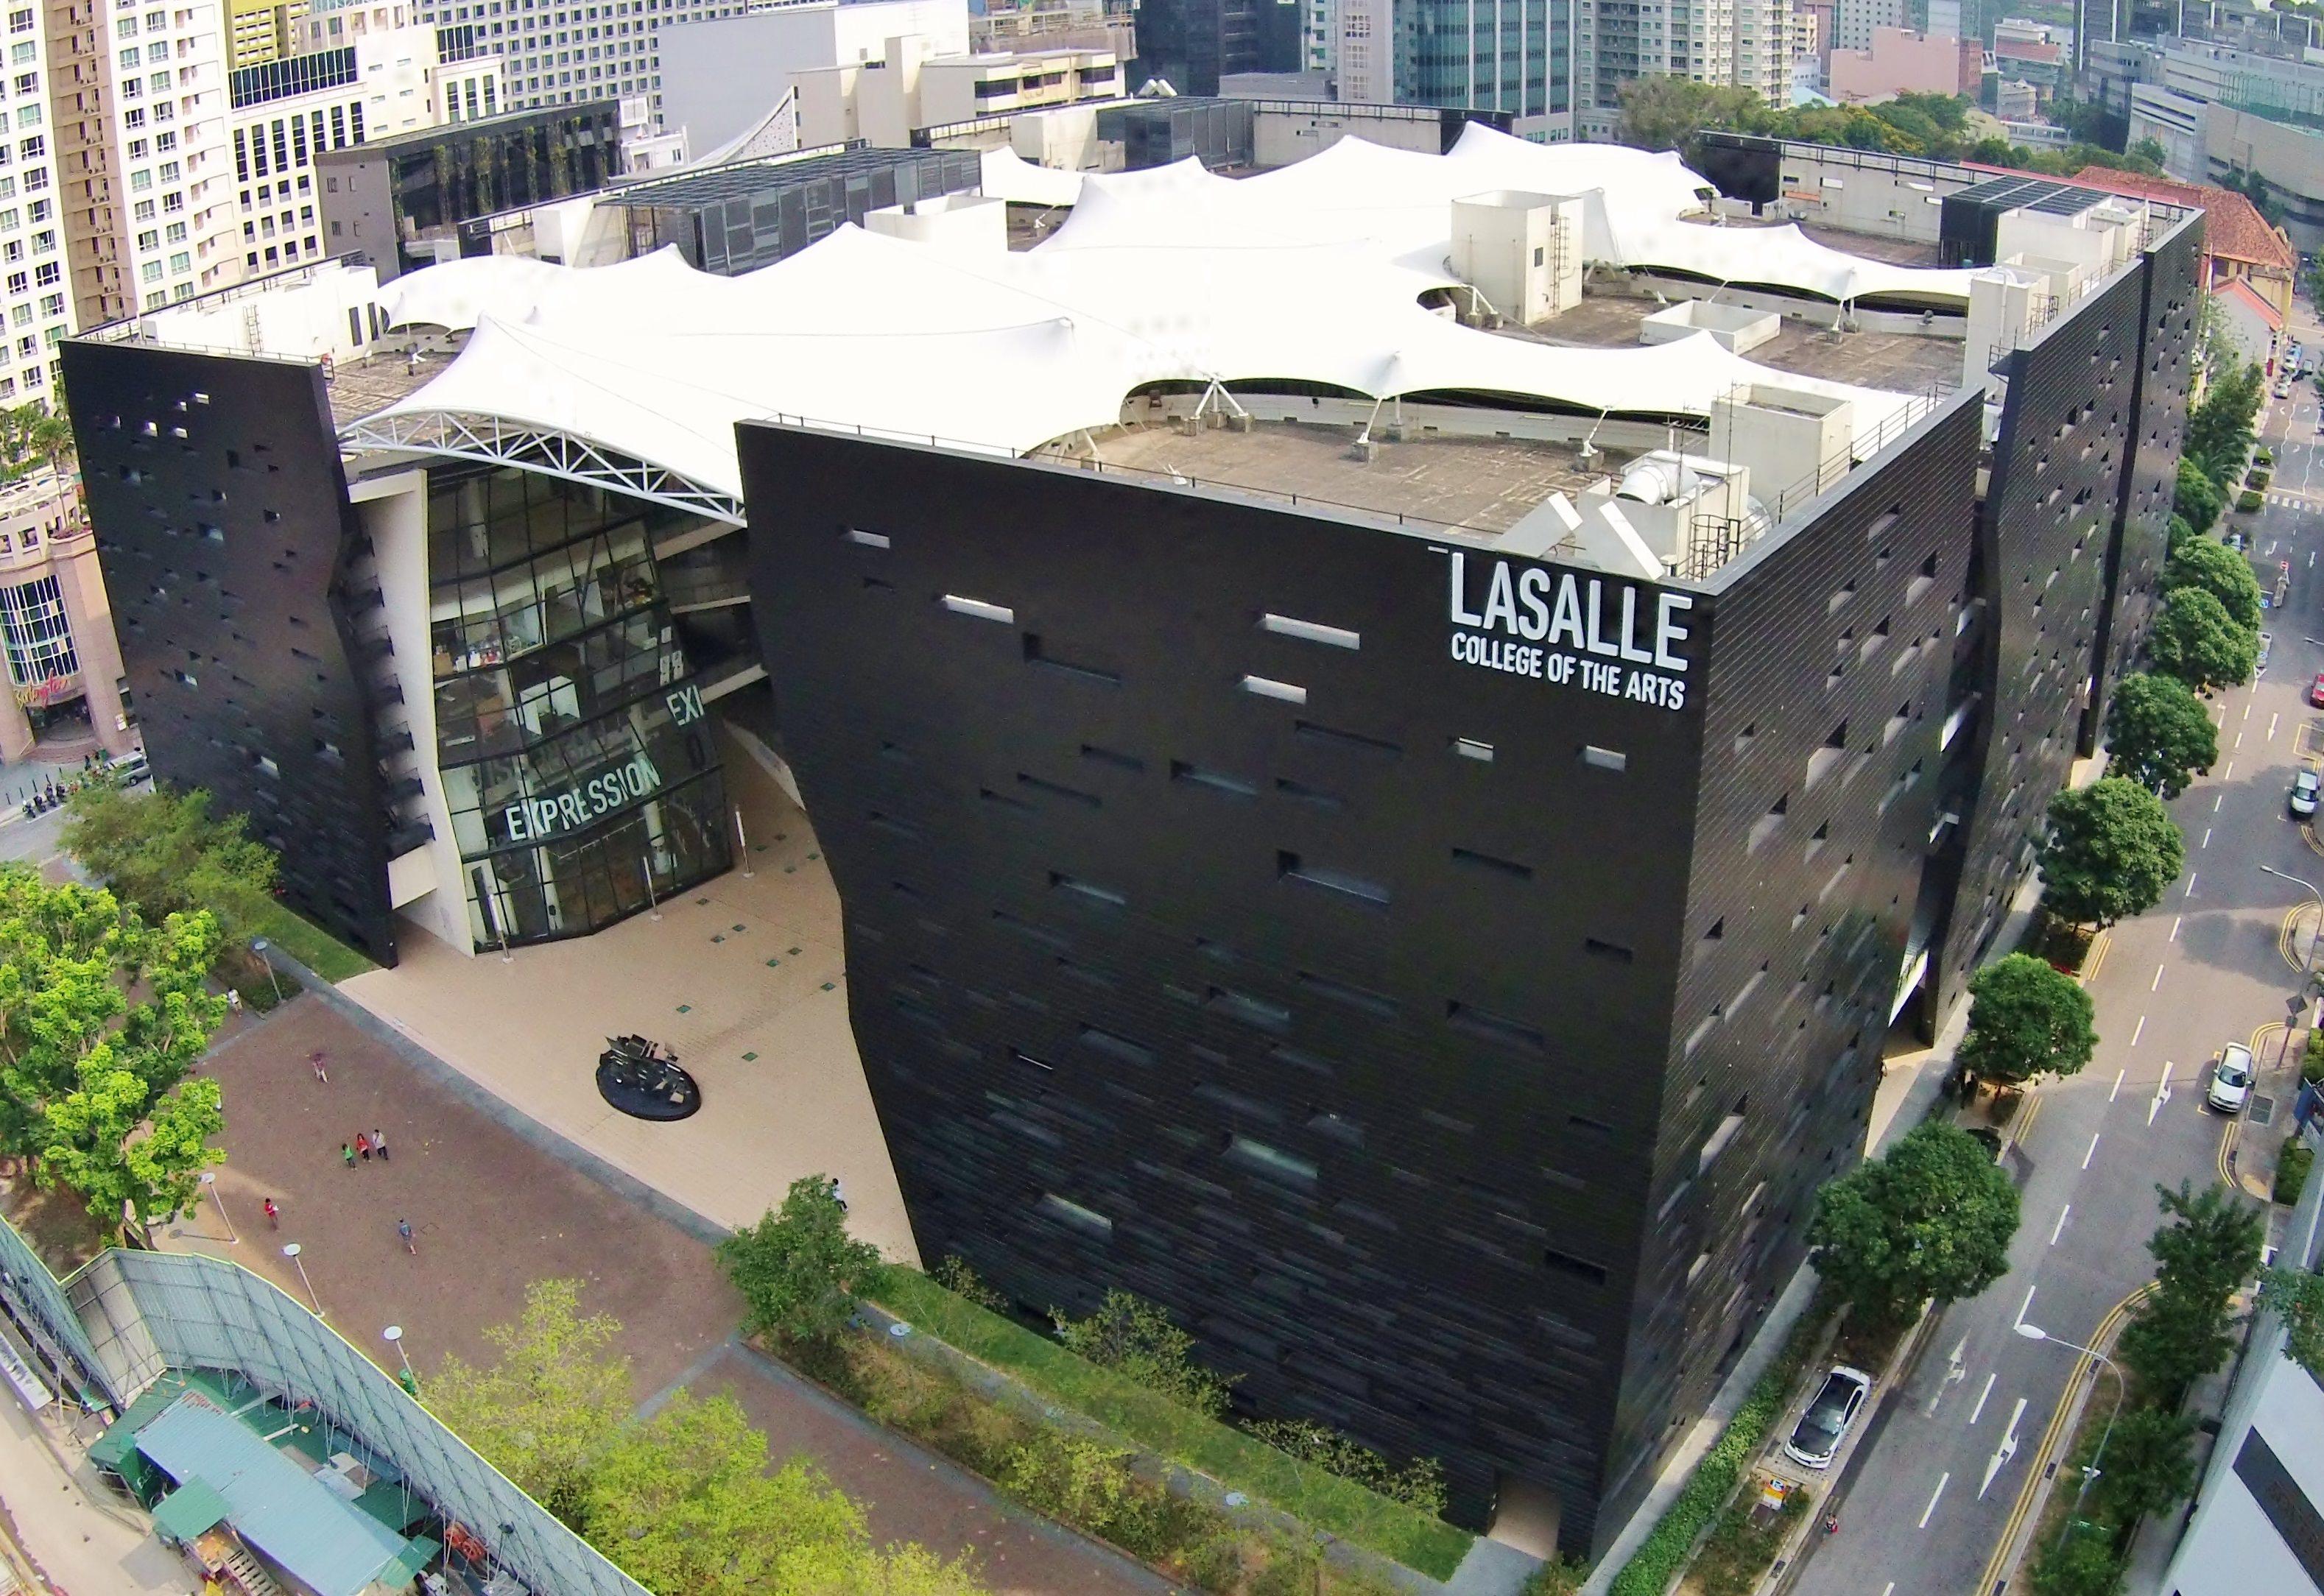 biaya kuliah di lasalle college singapore 2019